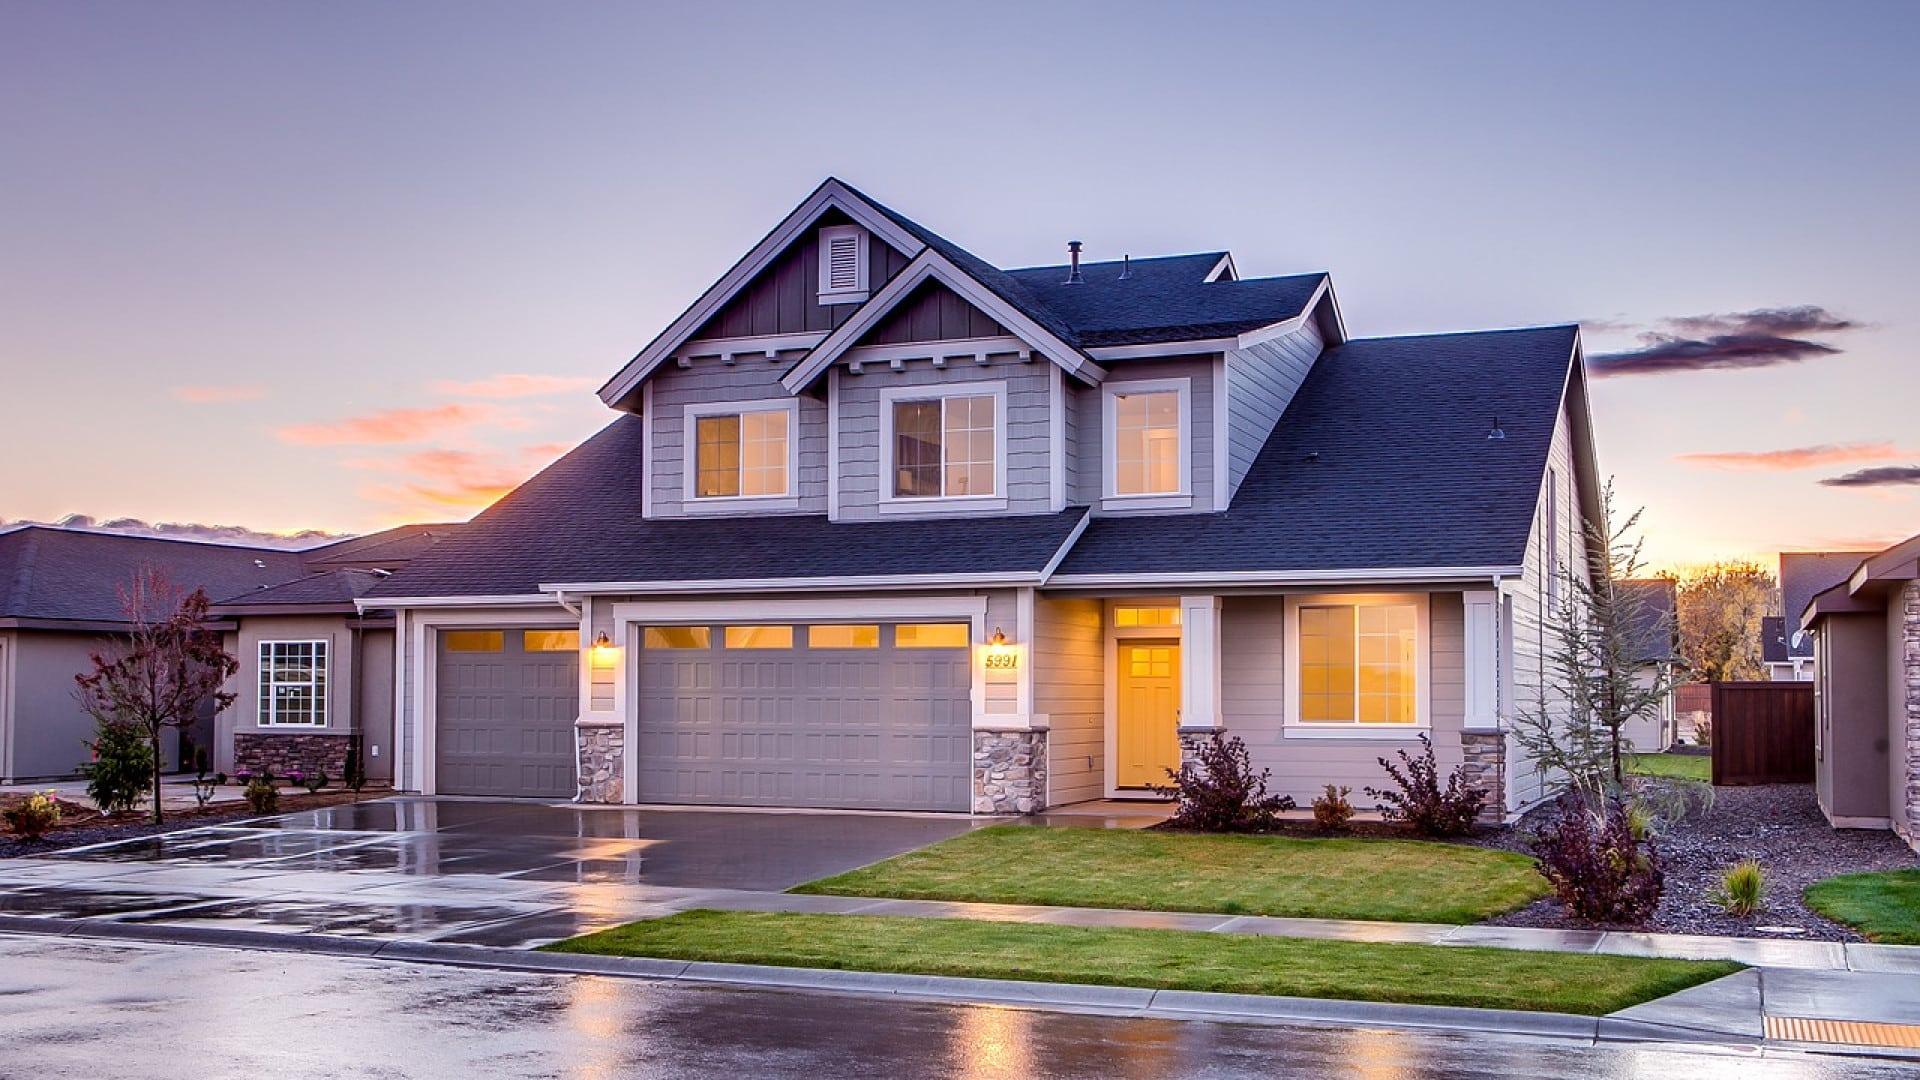 Pour faire des économies sur vos factures, rénovez votre logement !